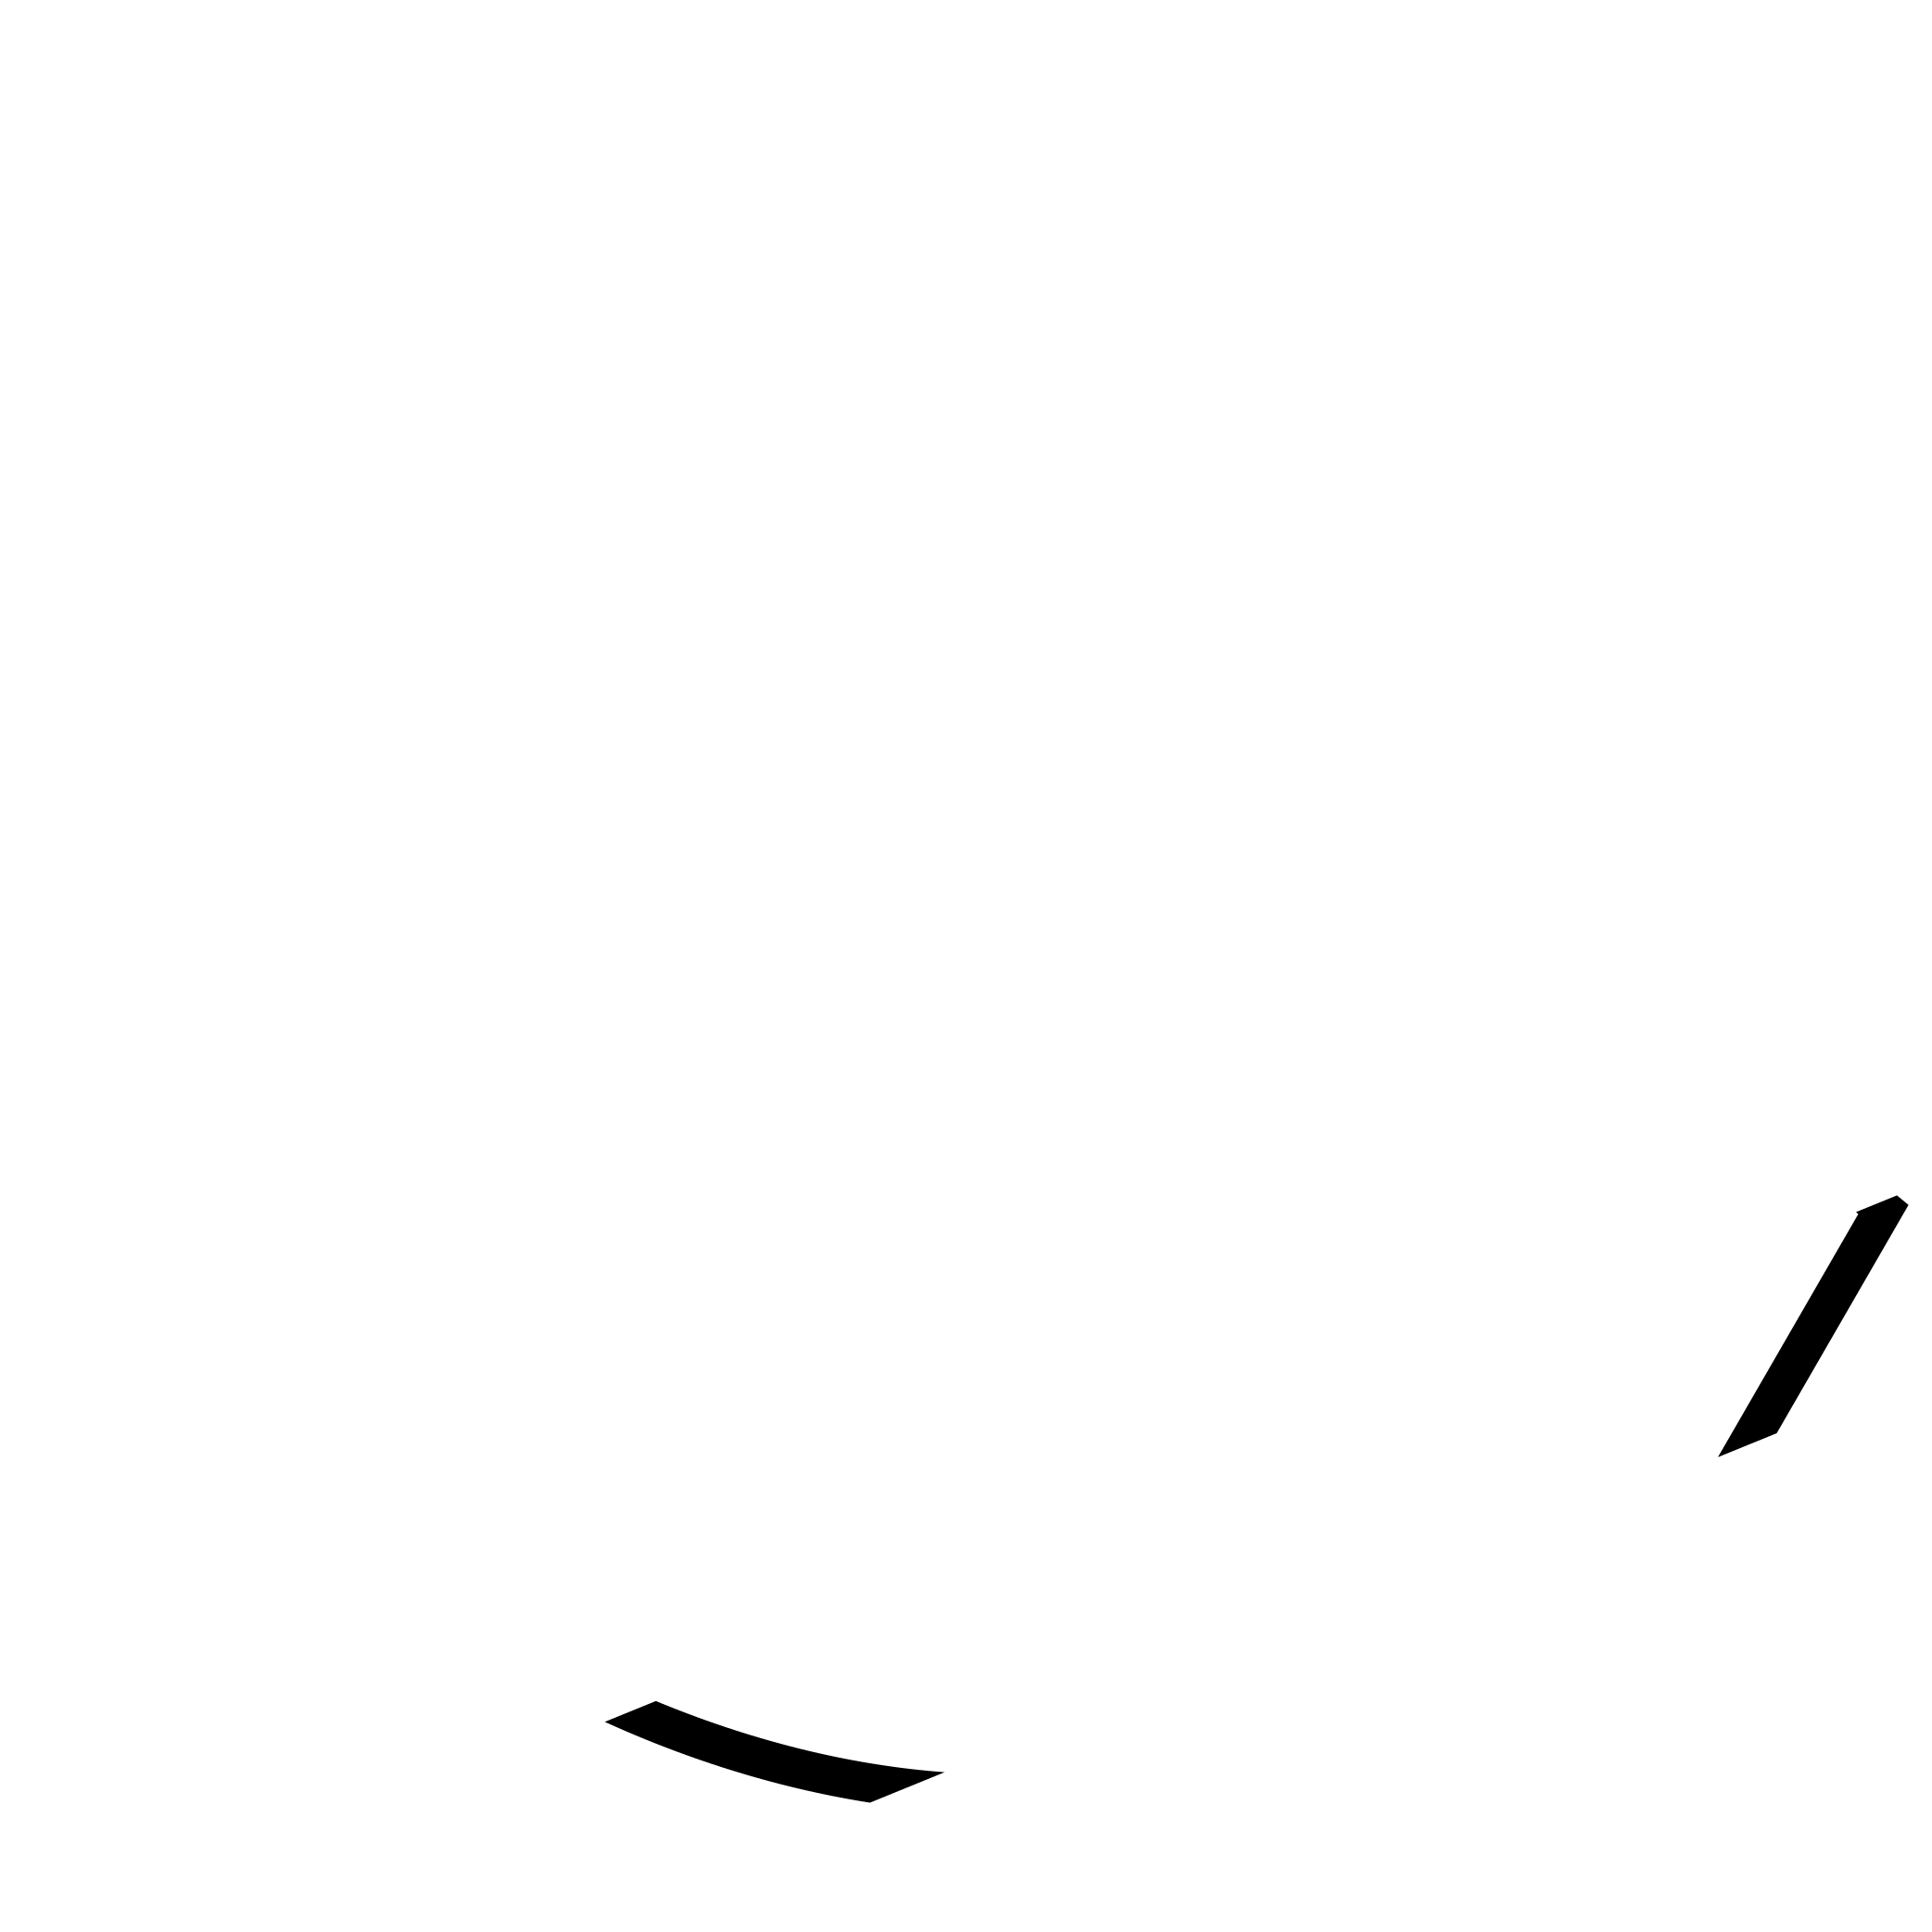 logo-slice-7.png